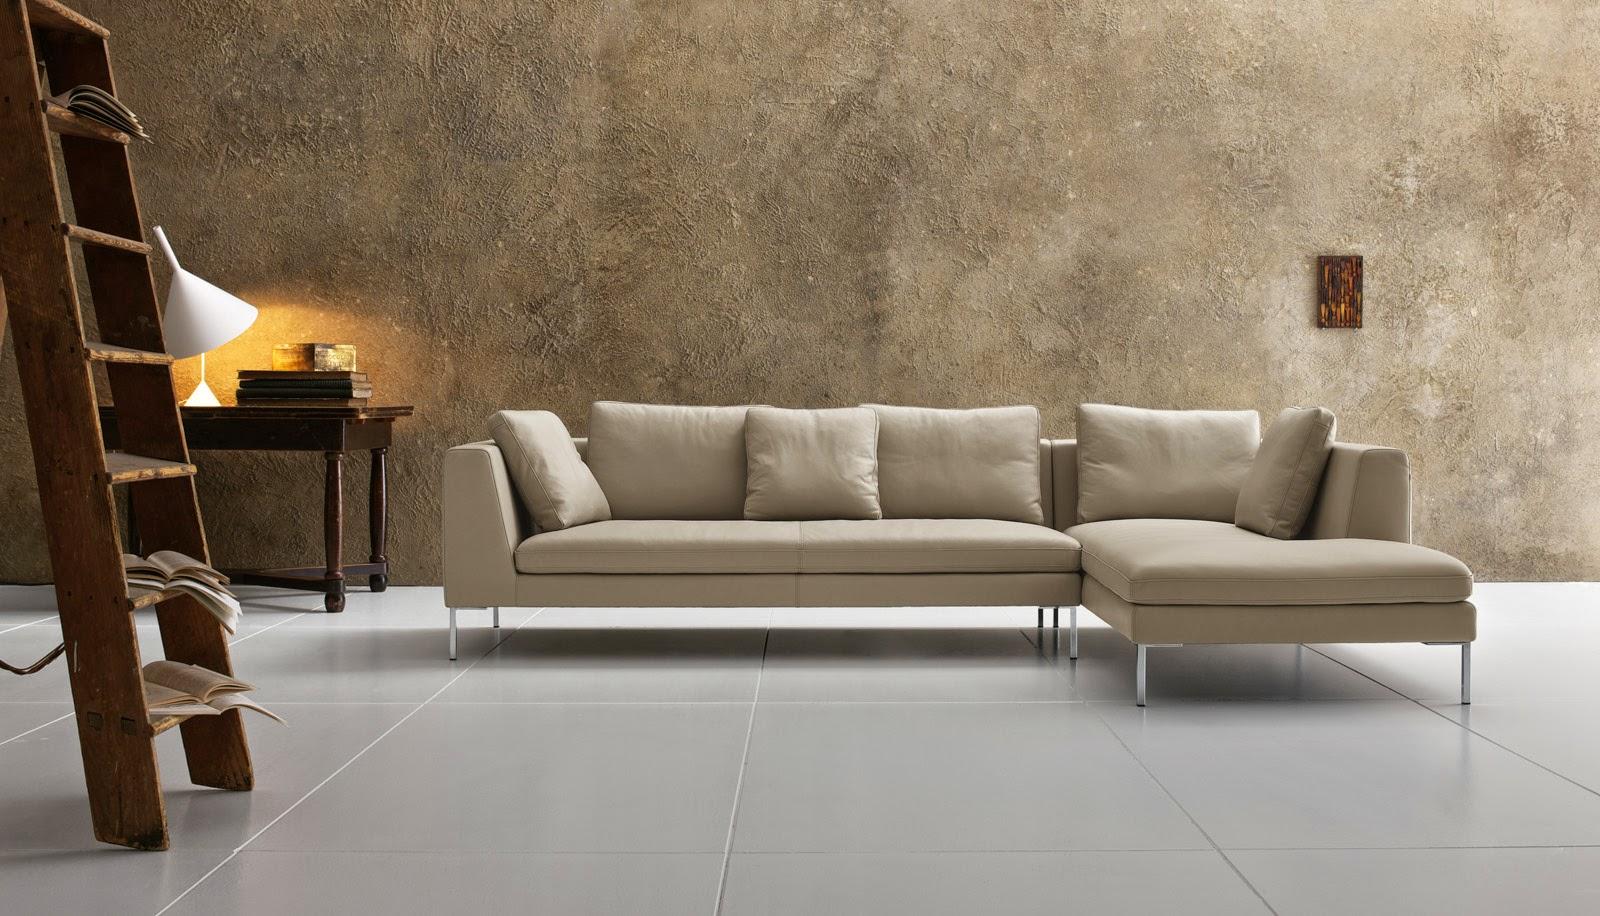 Copridivani per divani in pelle : Divano piccolo angolare ~ il meglio per il design degli interni e